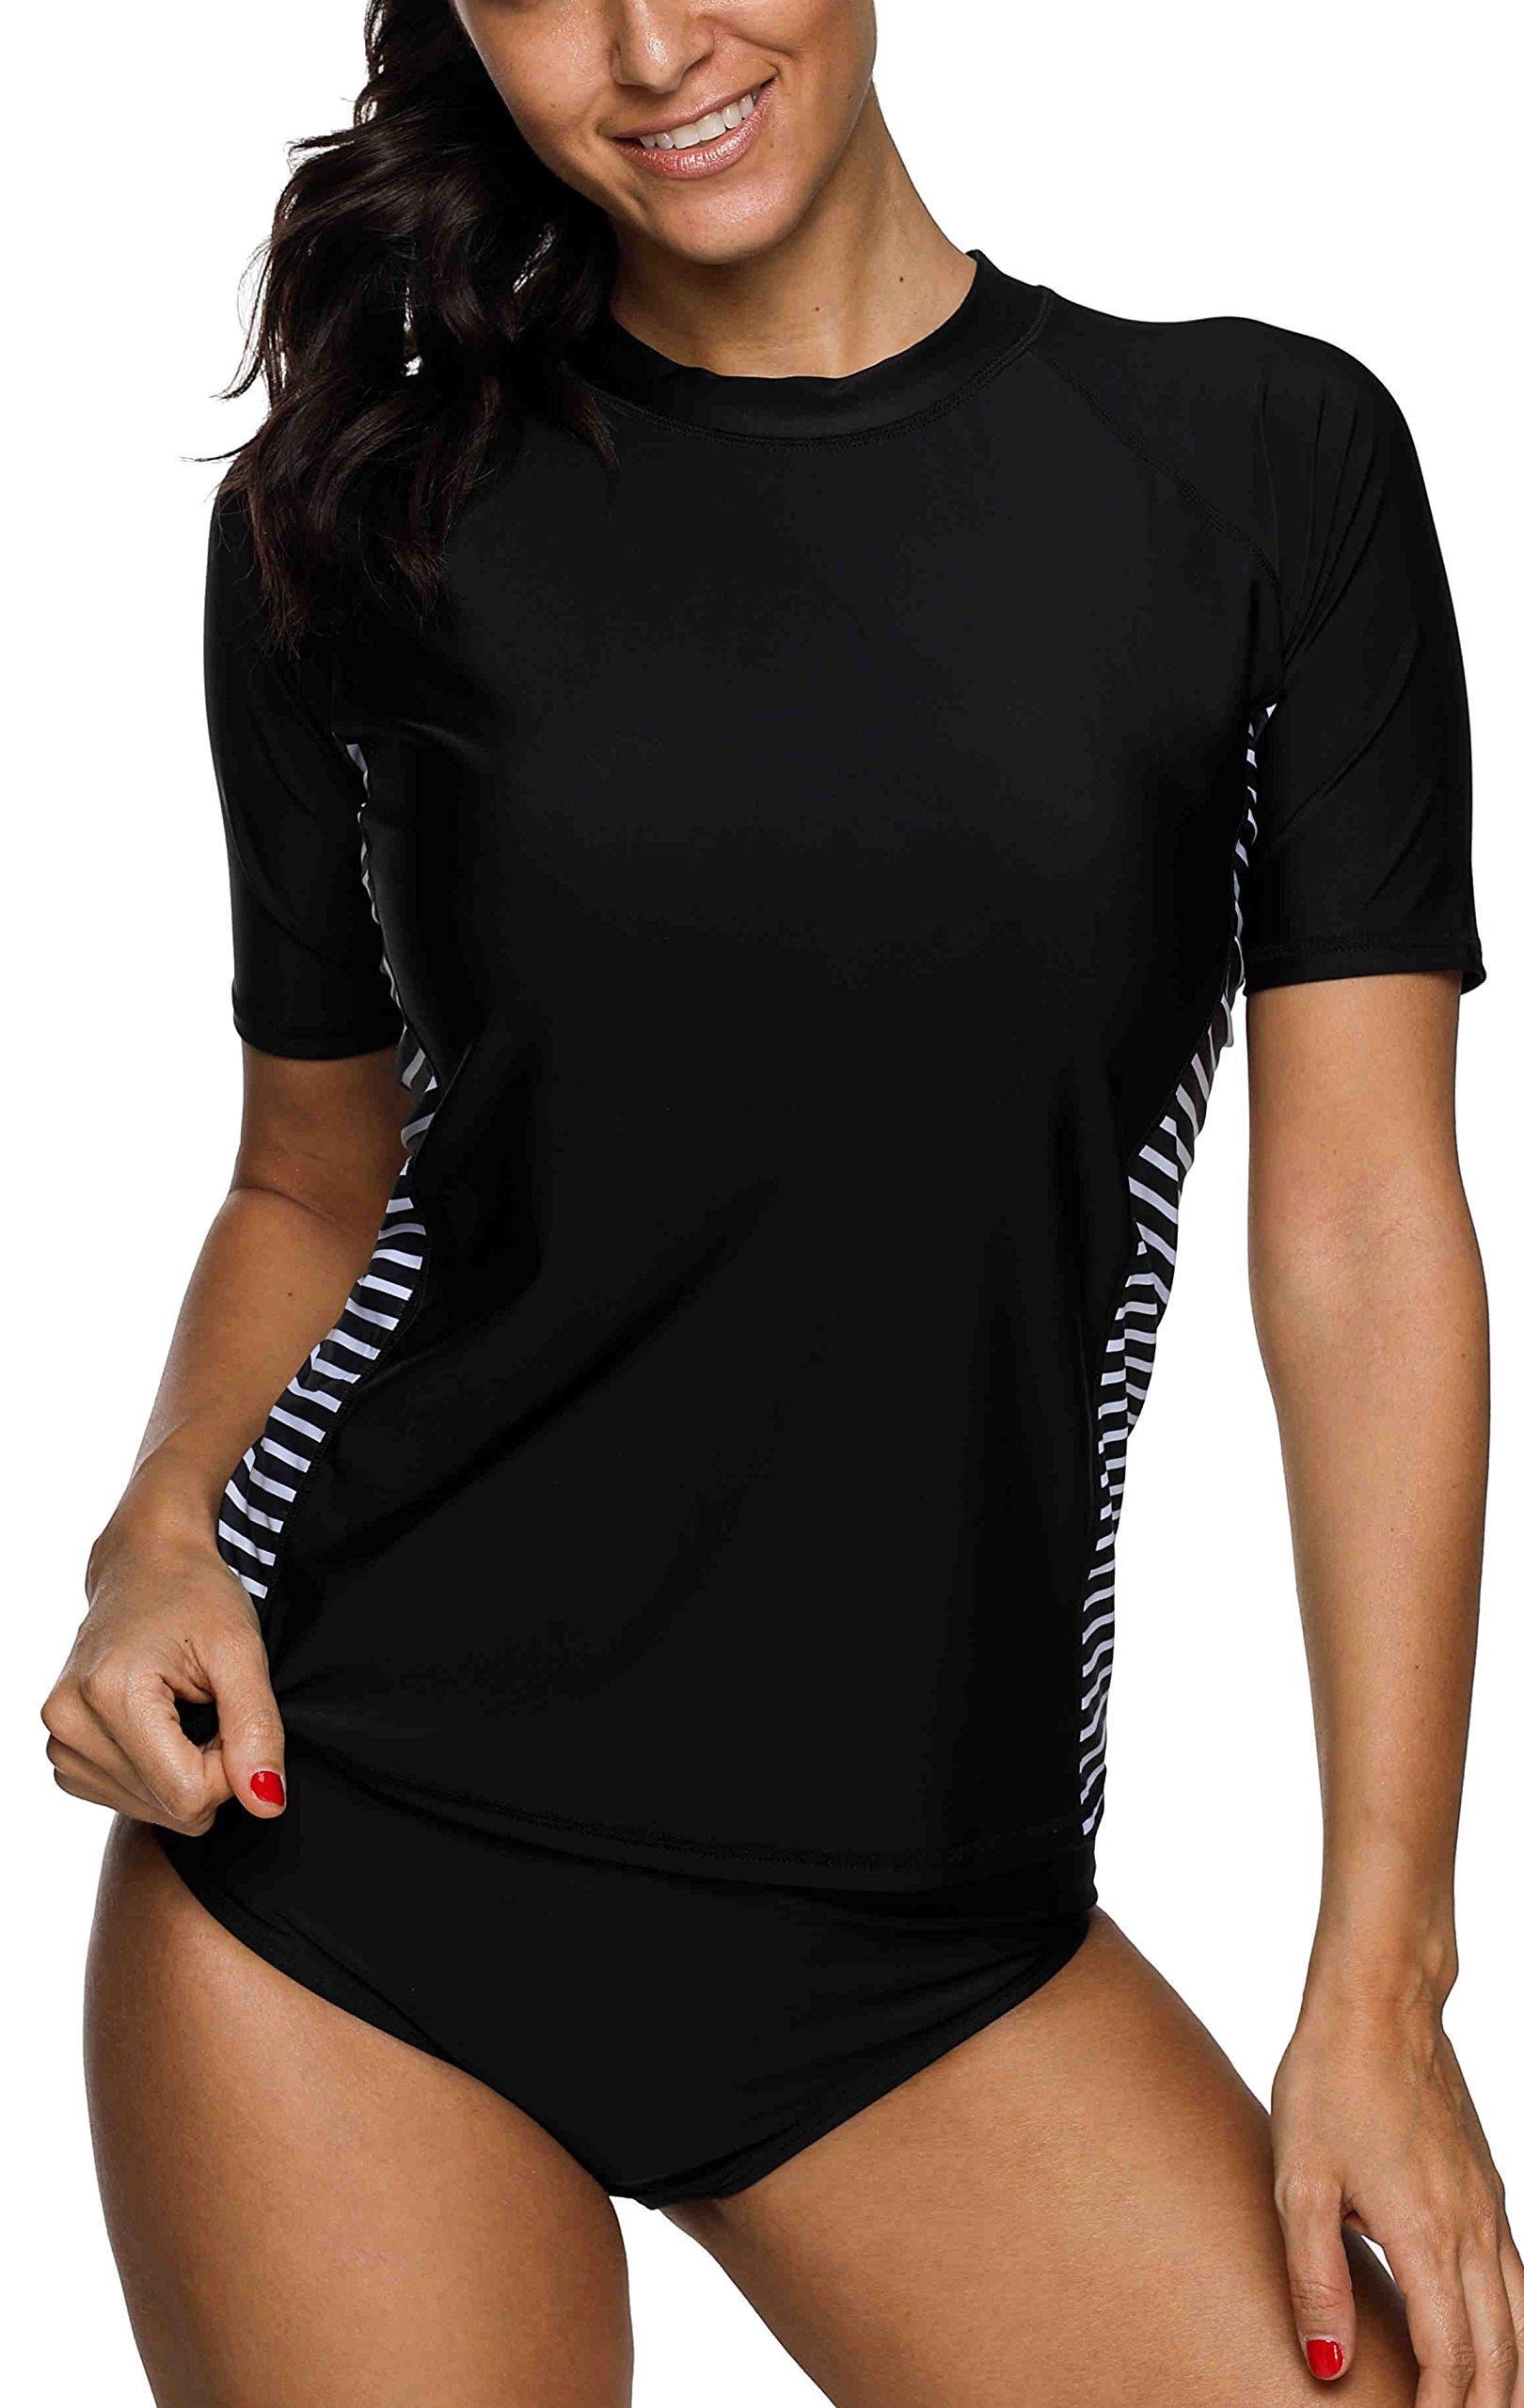 beautyin uv Protection Shirt for Women Short Sleeve rashgaurd Swimsuit surf Tops